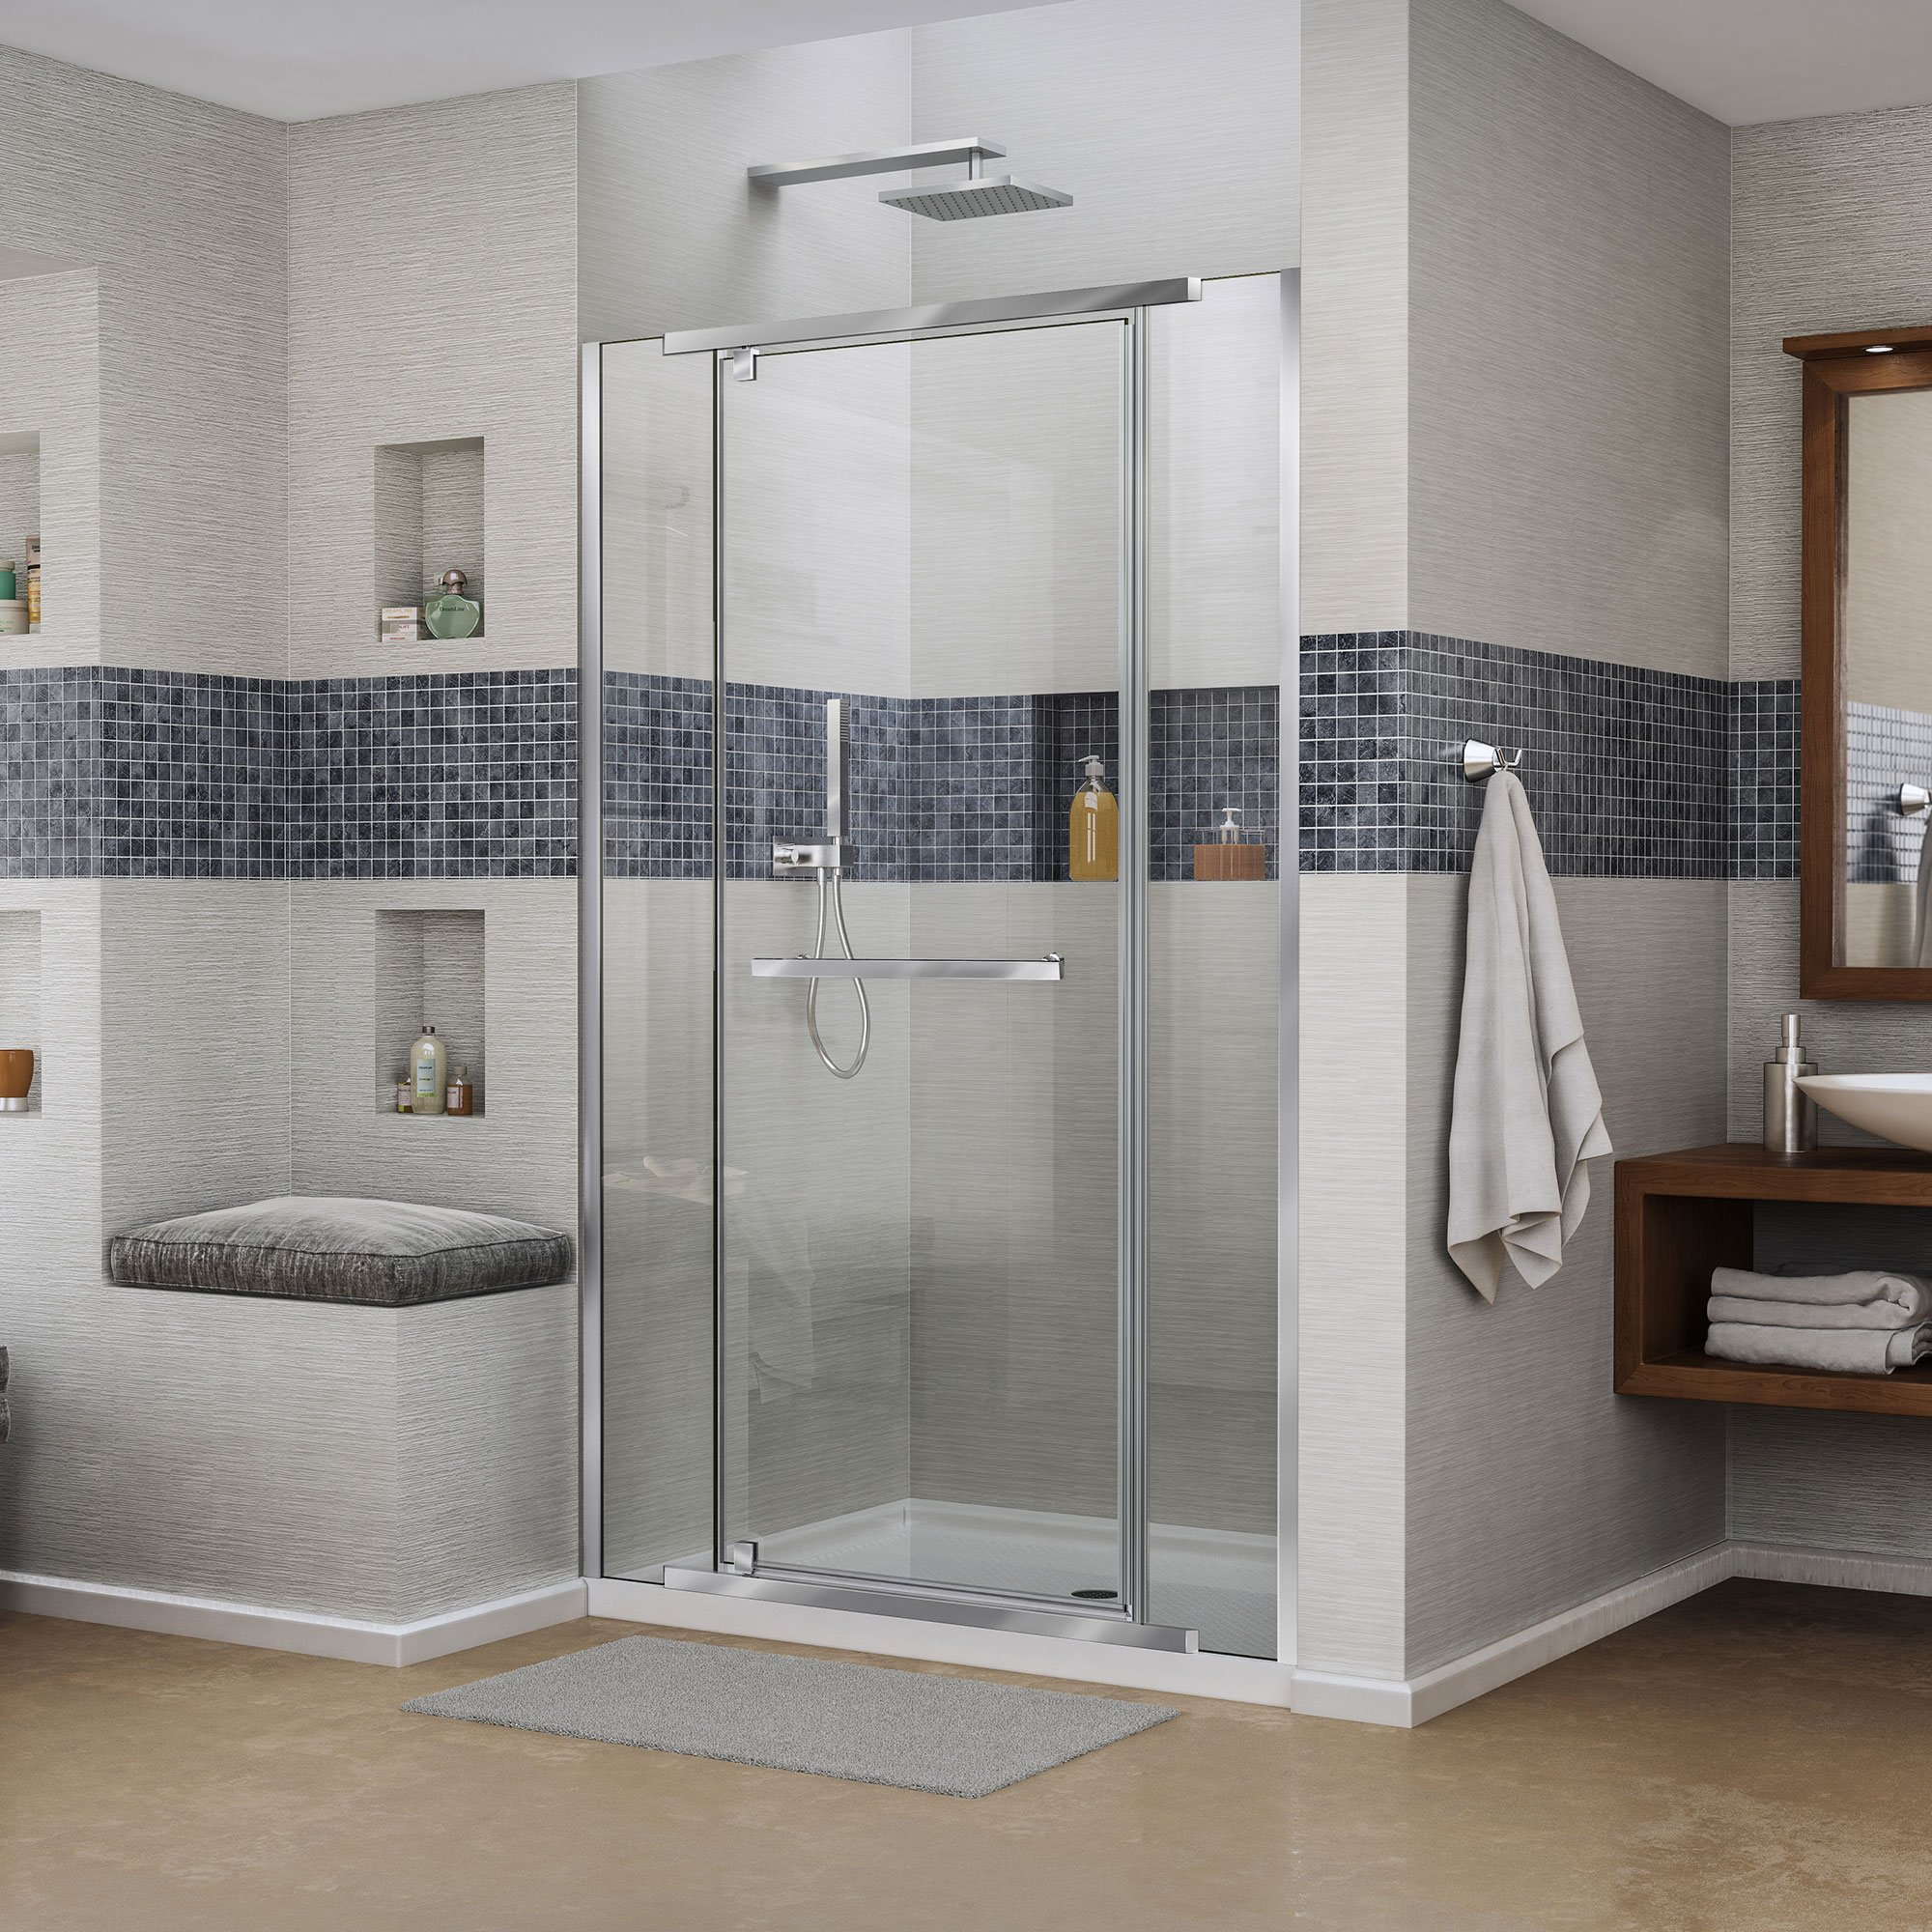 Vitreo-x DreamLine a 58 cm 149,23 mampara de ducha sin Marco puerta, claro 0,95 cm puertas de vidrio, cromo Finis: Amazon.es: Bricolaje y herramientas